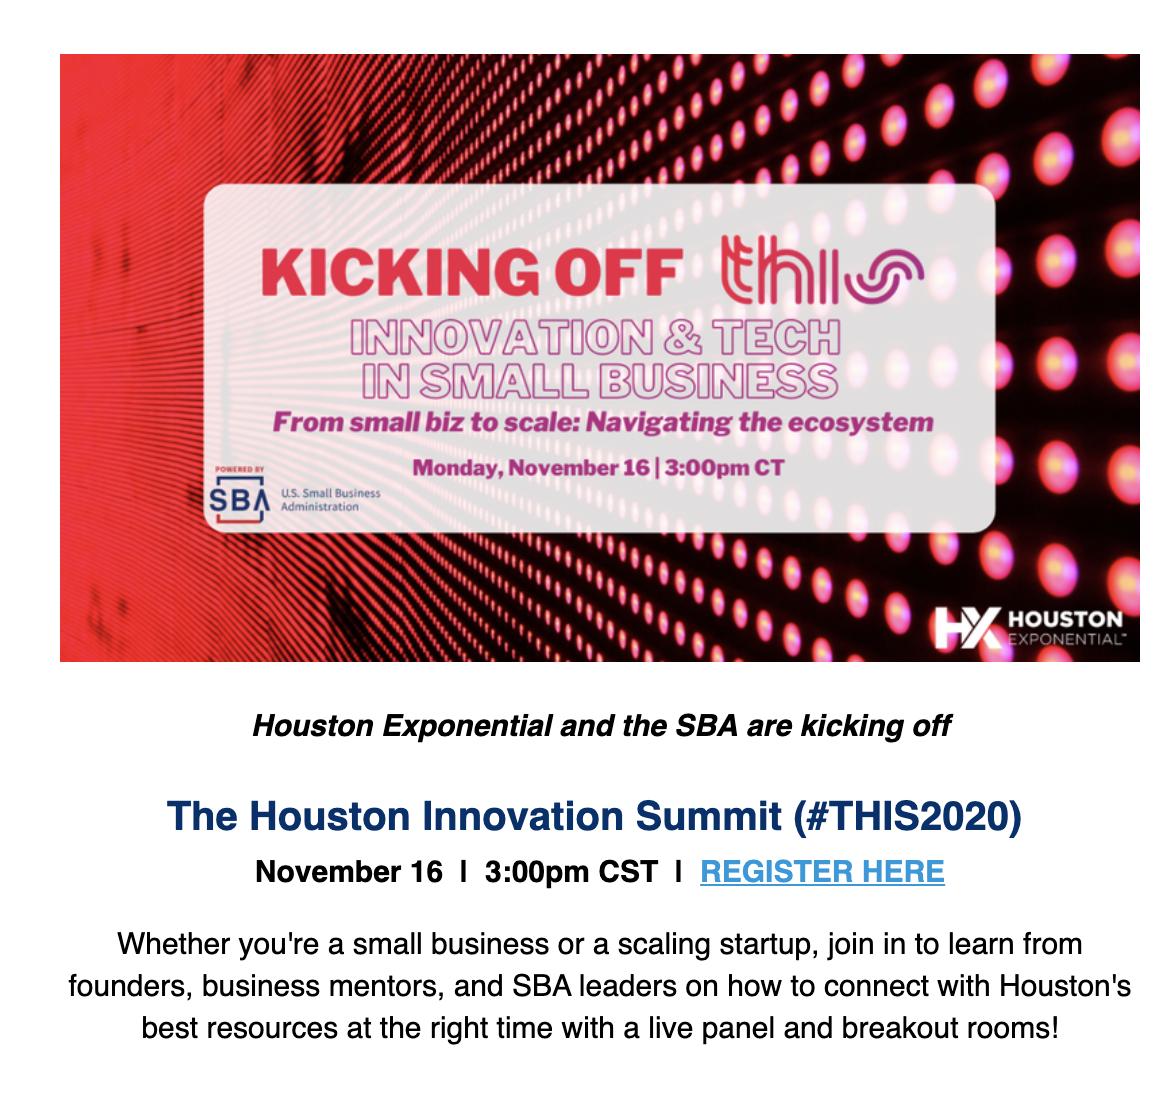 HCC - Office of Entrepreneurial Initiatives: November 2020 Newsletter 30